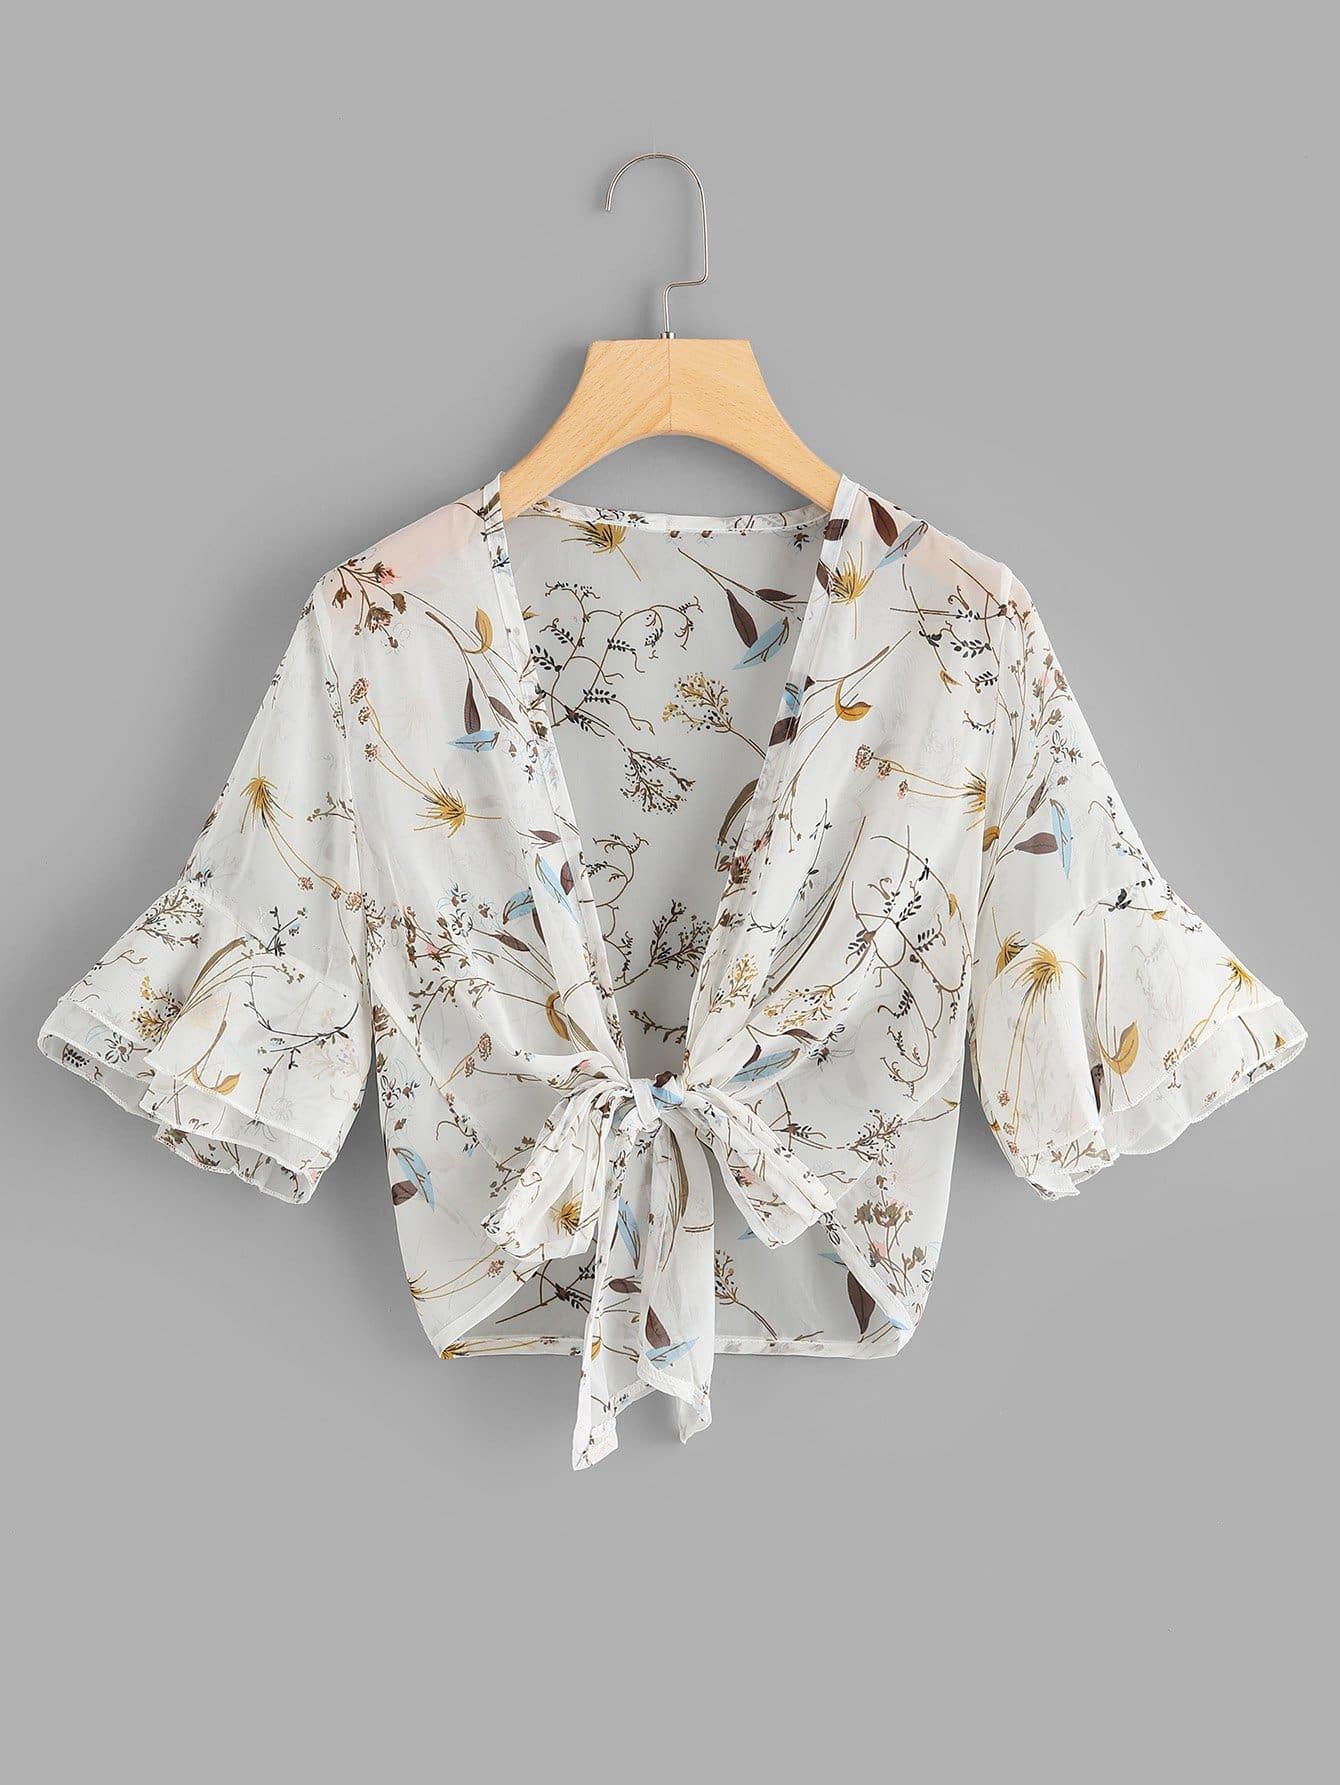 Bluse mit Band vorn, Schößchensaum auf den Ärmeln und Muster